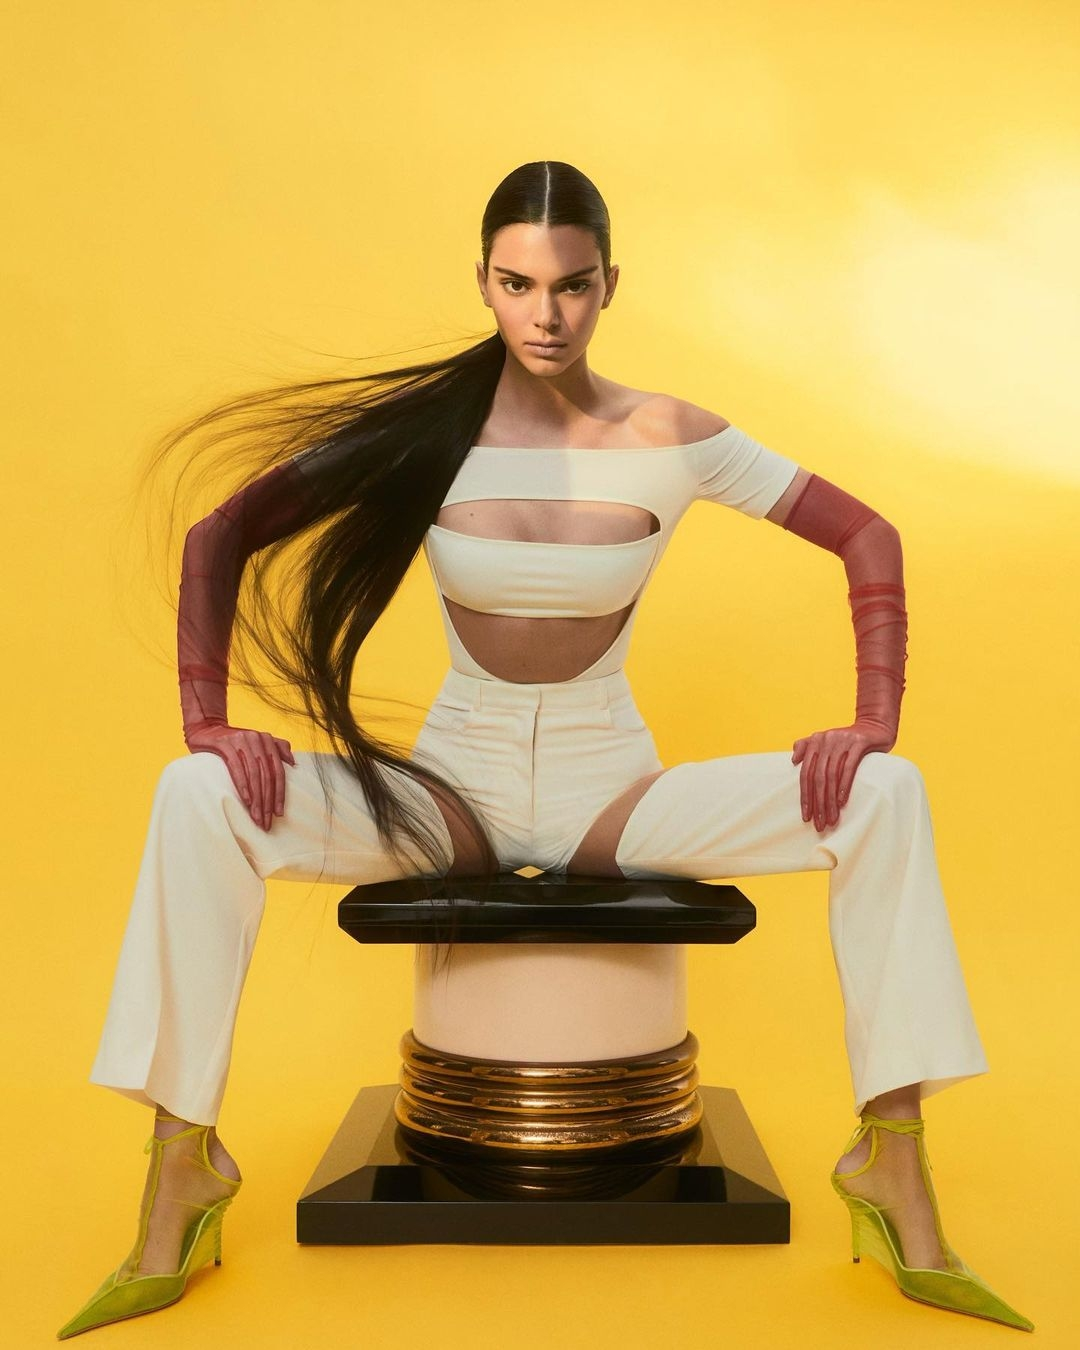 Кендалл Дженнер украсила обложку Vogue и рассказала о панических атаках (ФОТО) - фото №2